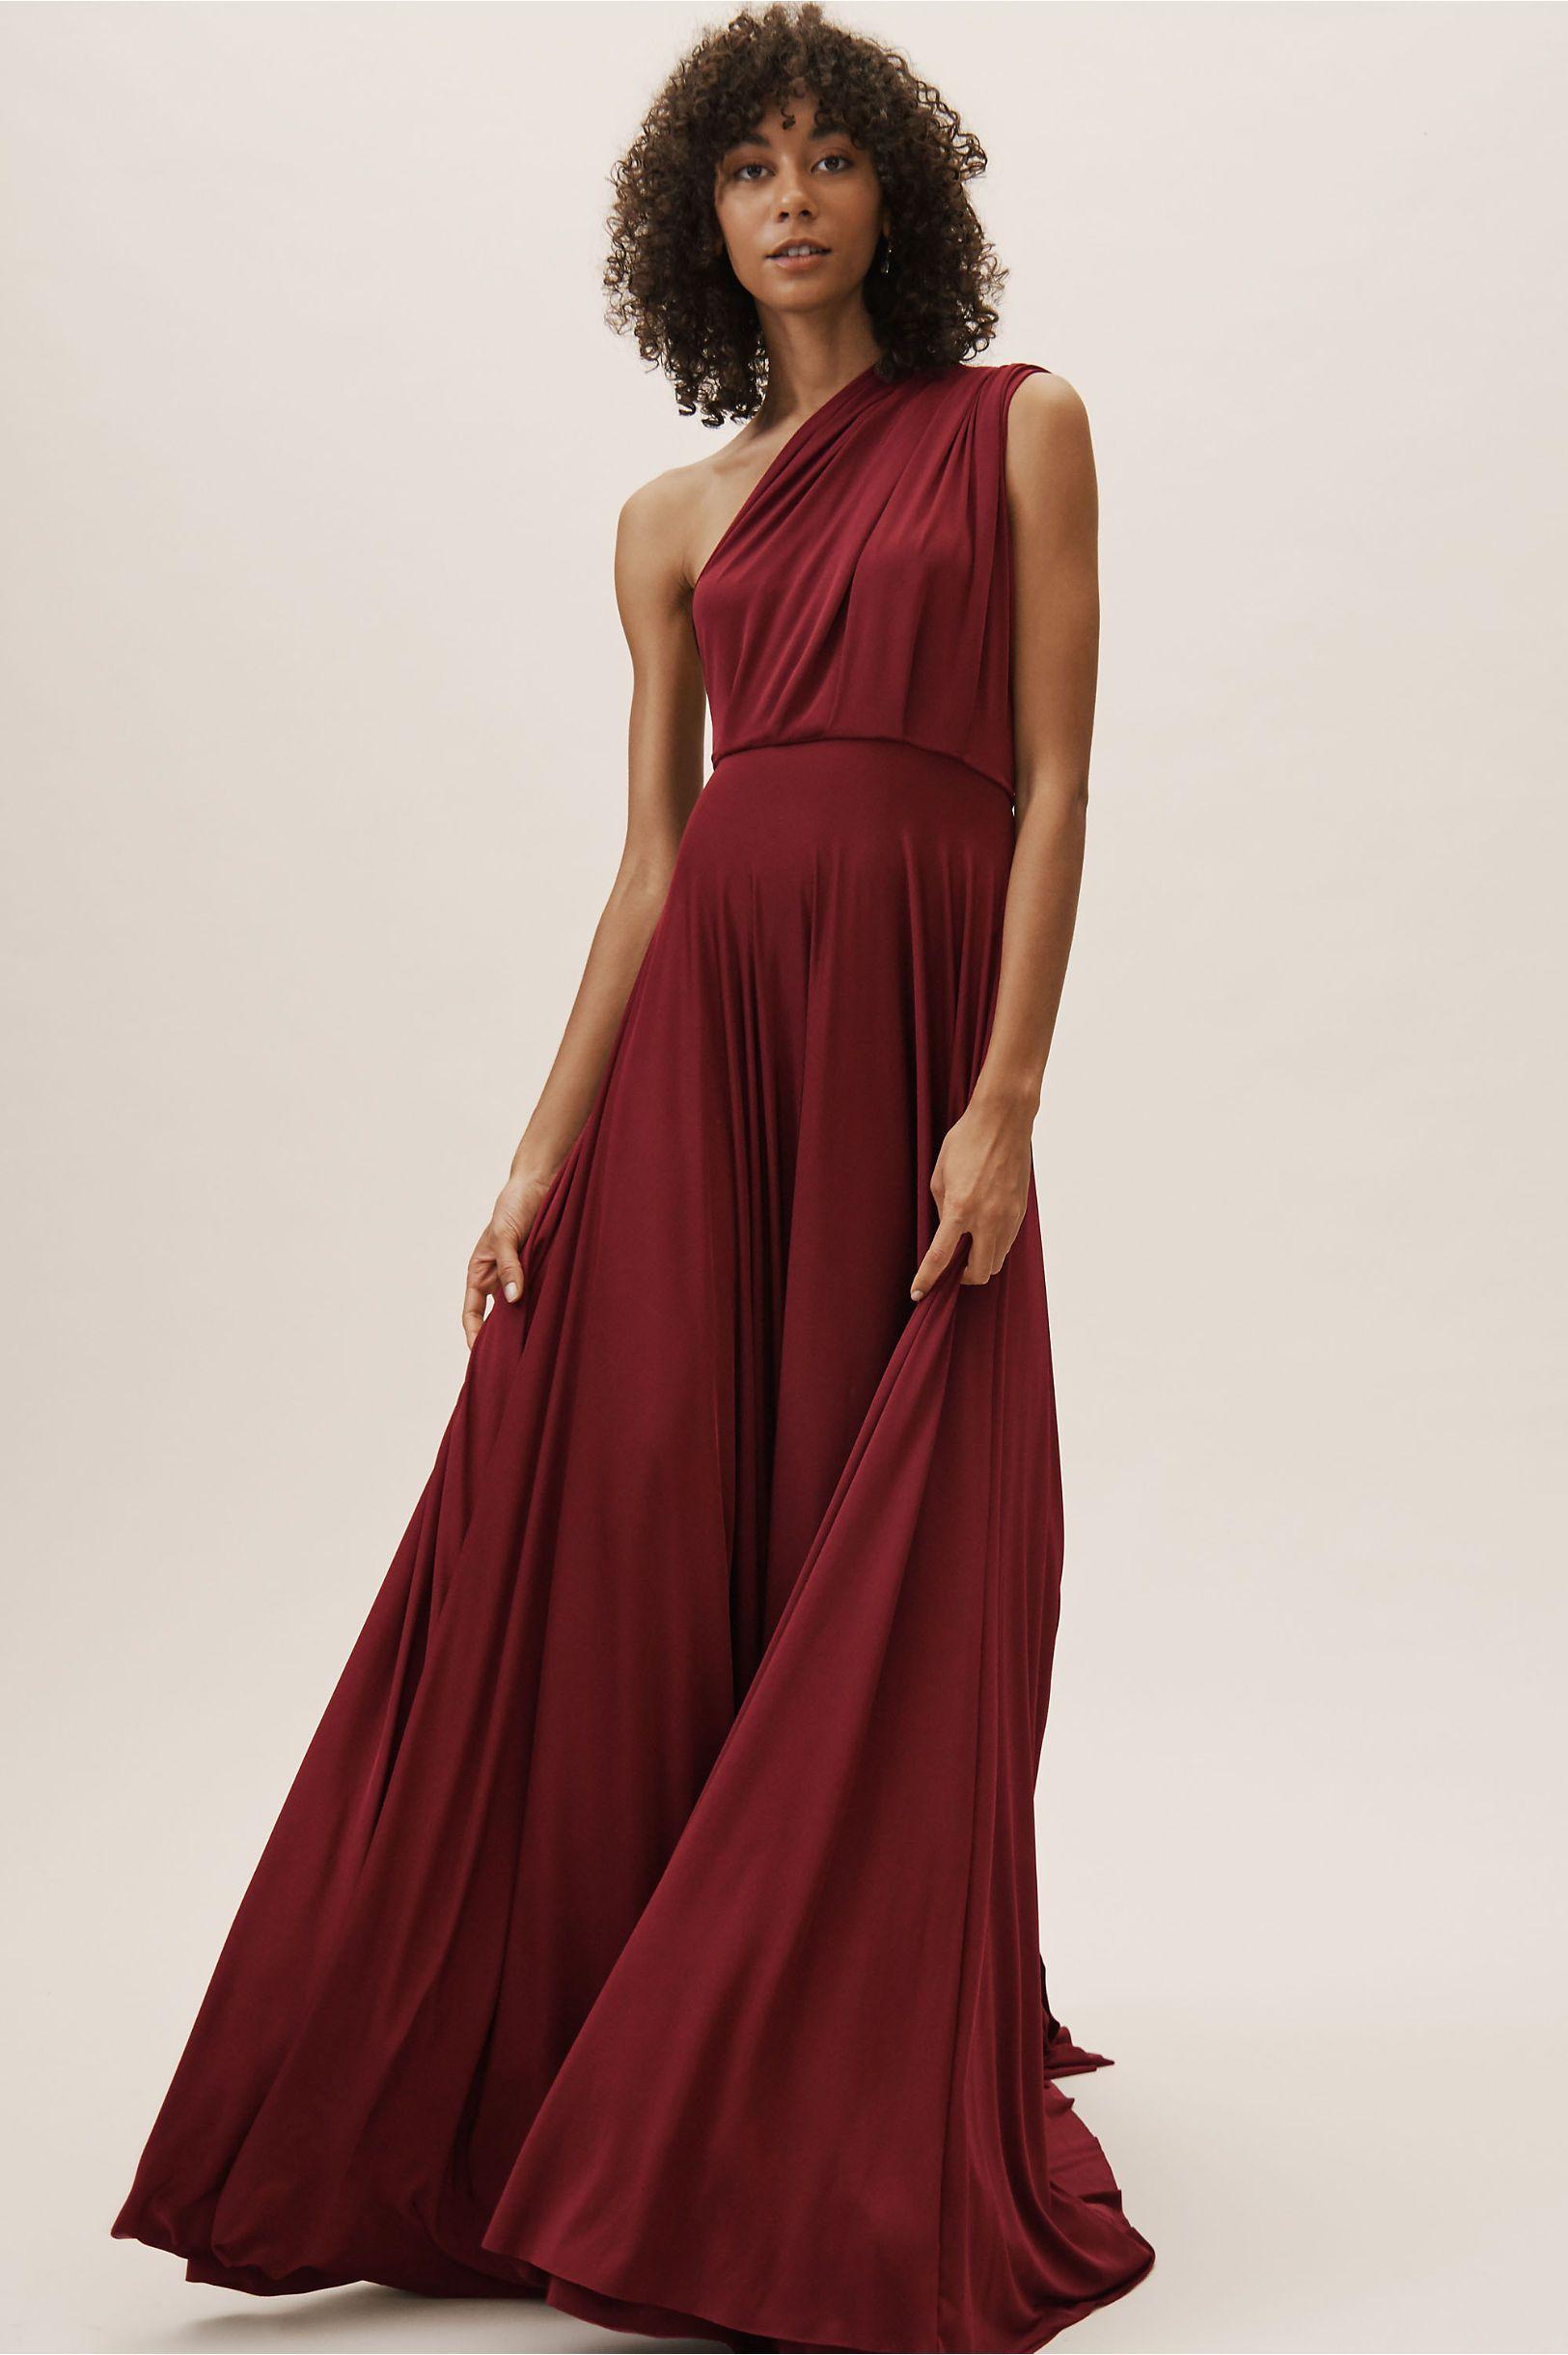 0060895e37e Ginger Convertible Maxi Dress Bordeaux in Bridesmaids   Bridal Party ...